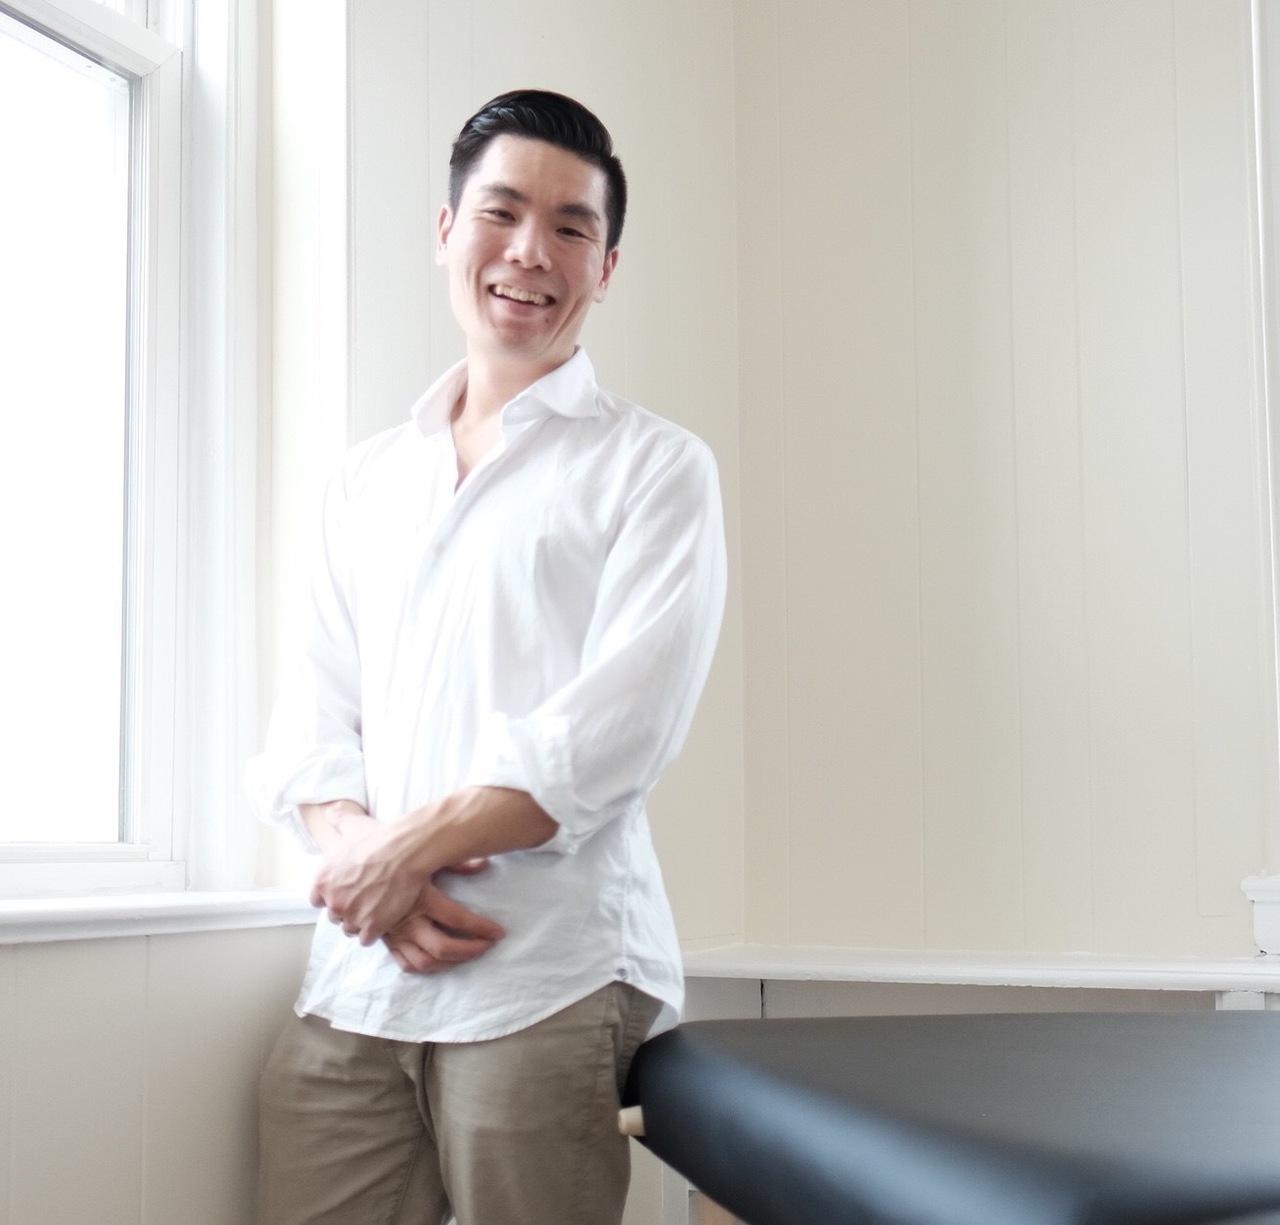 限定6名YUUKIによるマグネット鍼灸orお灸 10分500円❗️